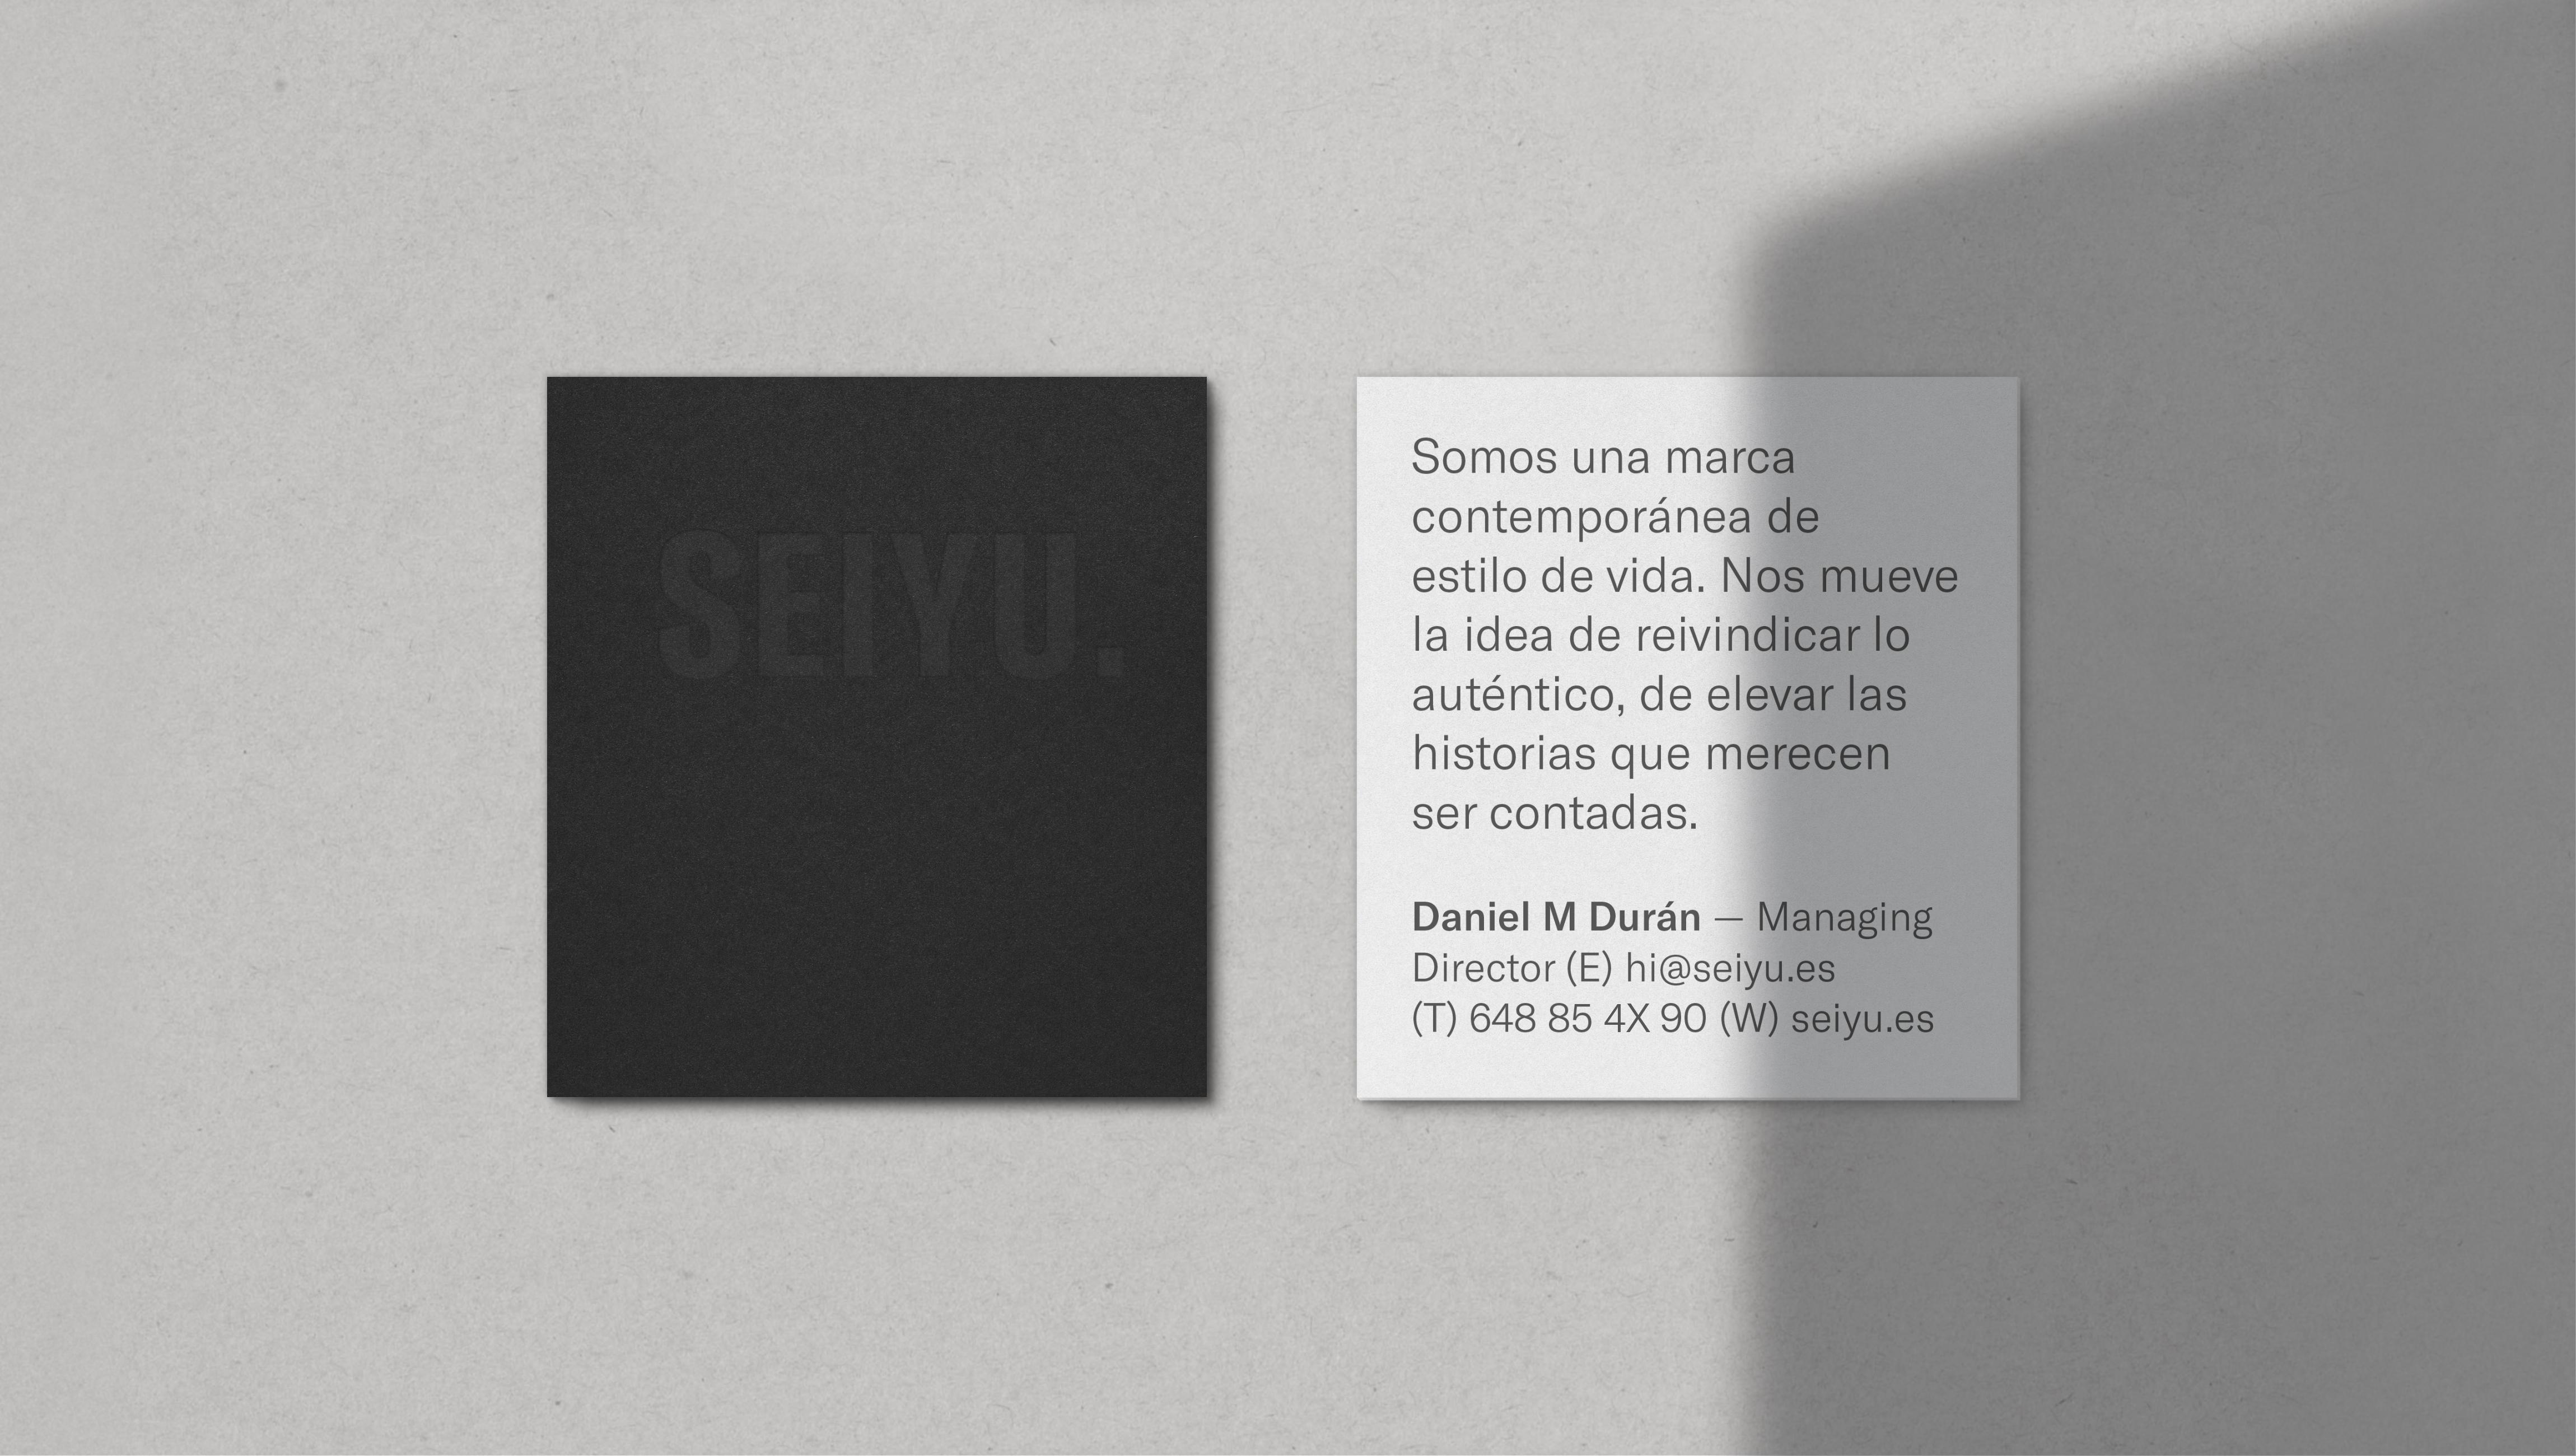 SEIYU-cards_V2_BN-2